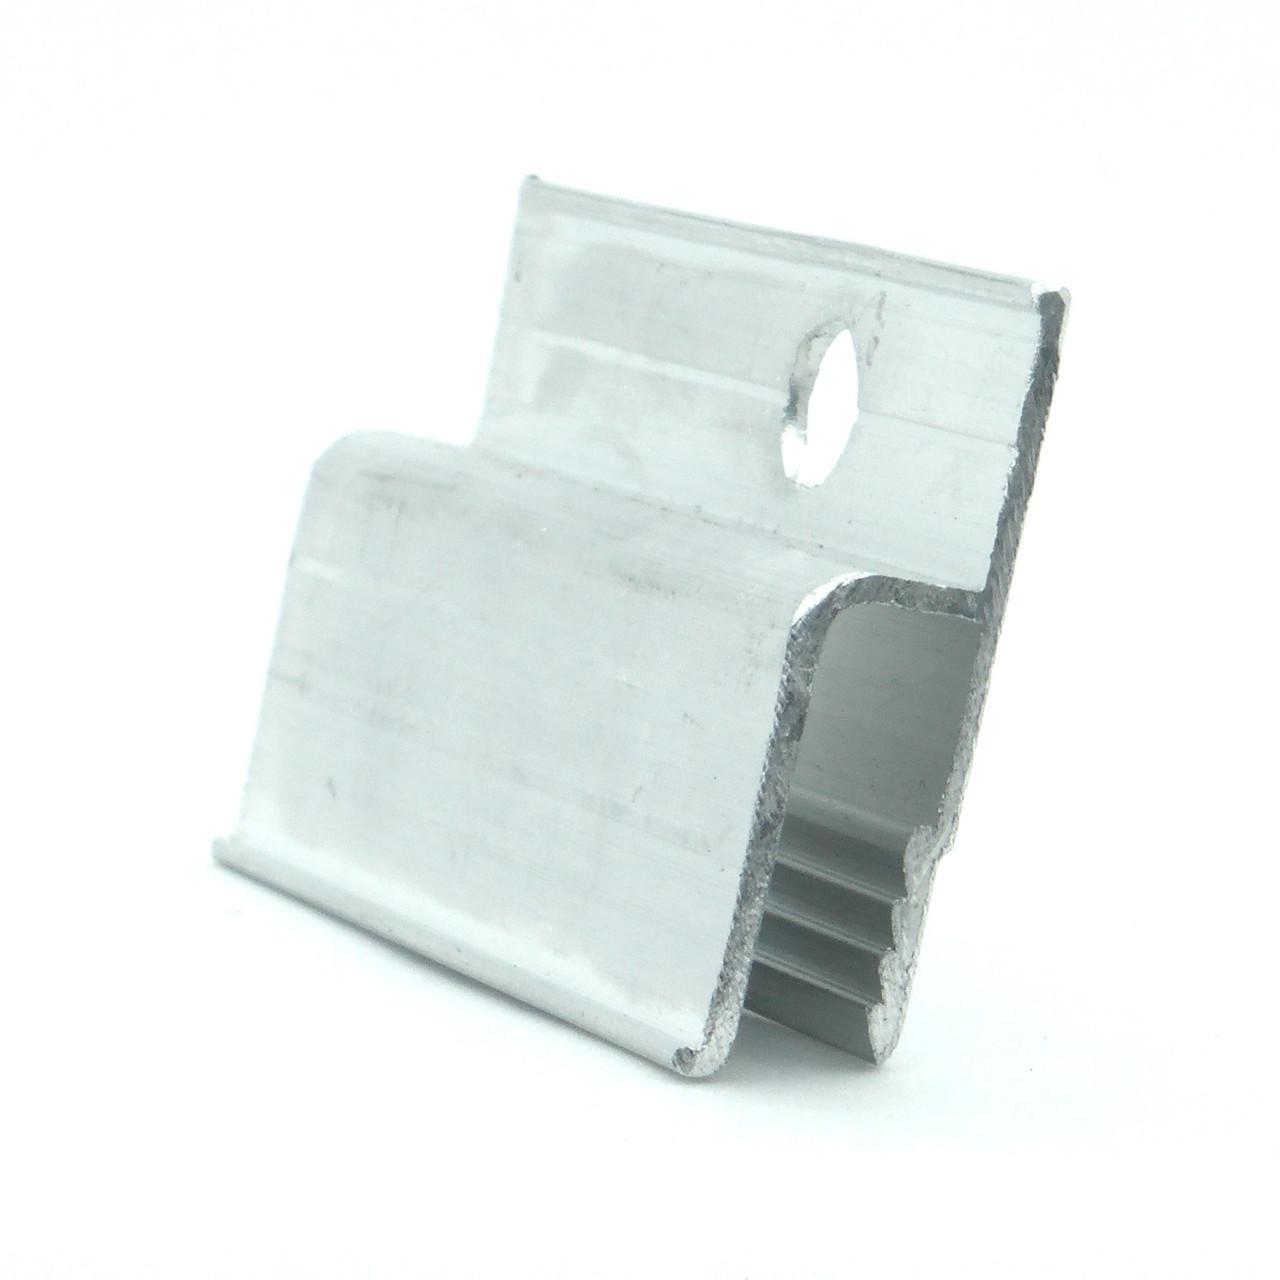 Профиль ПЕРФ, алюминиевый h-образный 0,152 2.5м